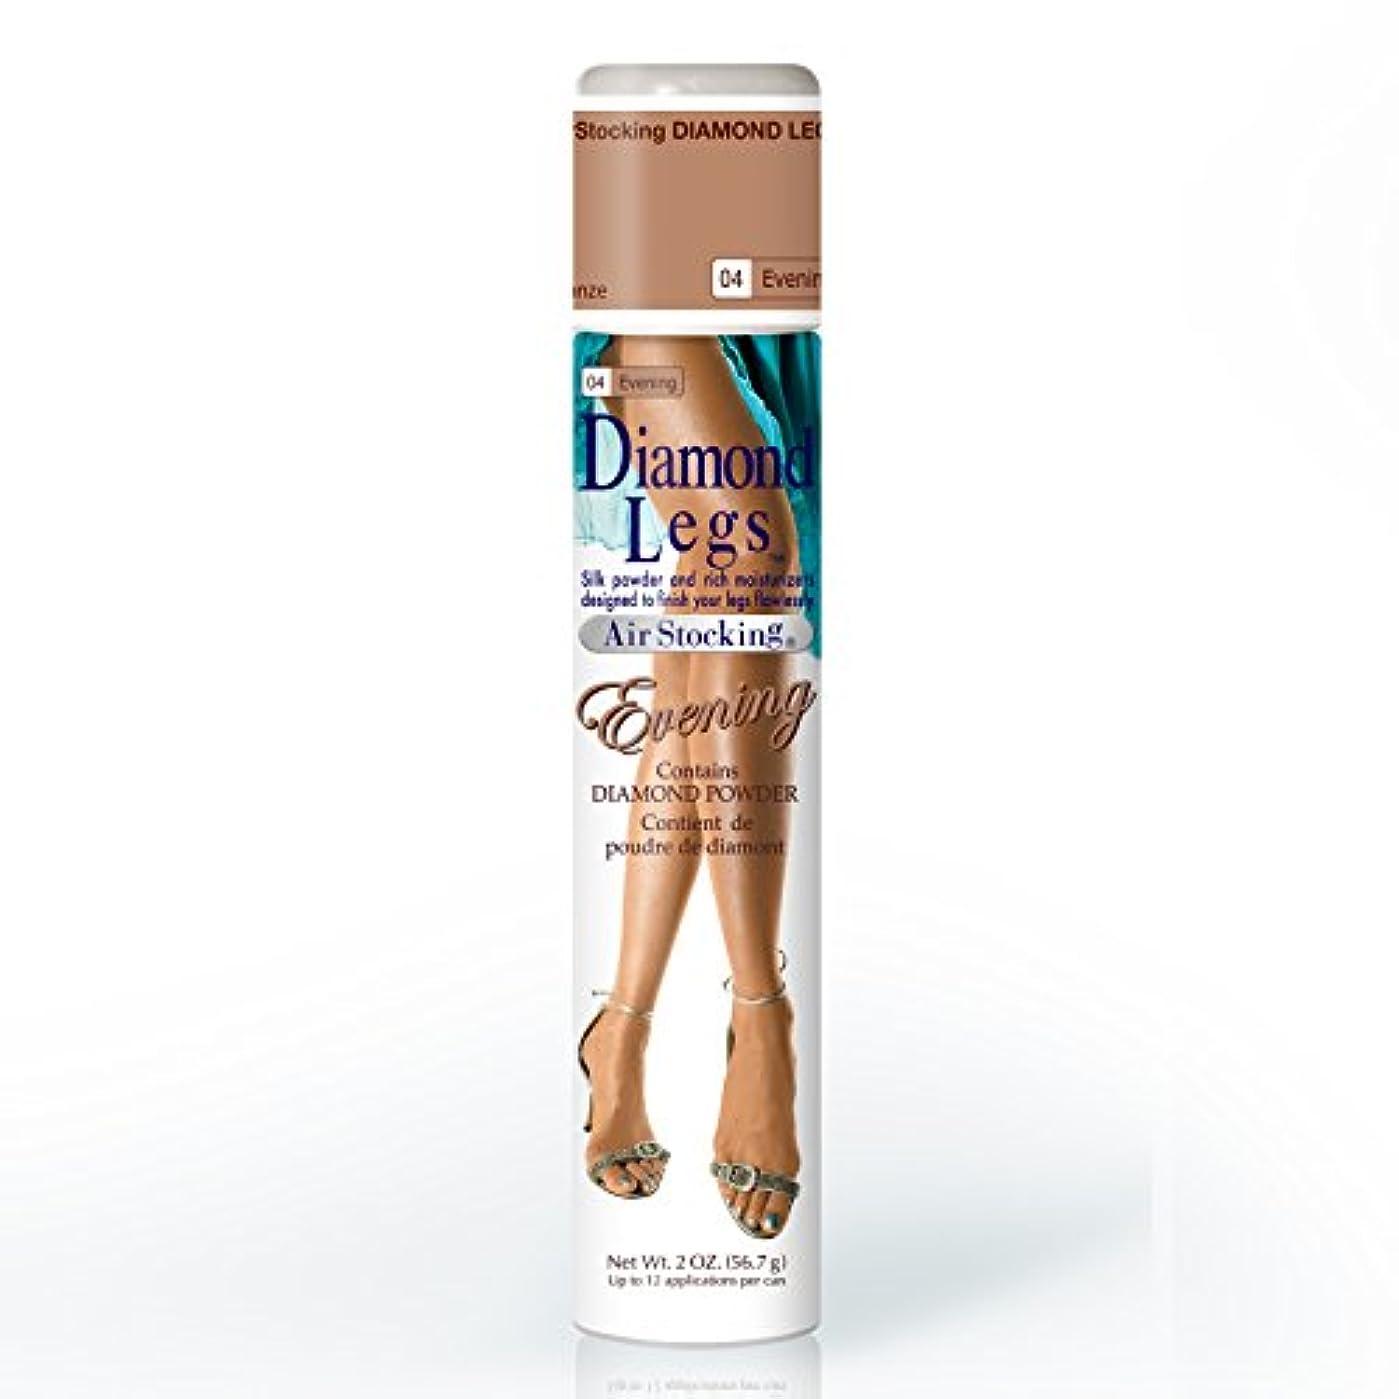 クローゼットランプ浸食AirStocking Diamond Legs エアーストッキング ダイヤモンドレッグス DL 120g / QT 56.7g (56.7g, Evening)